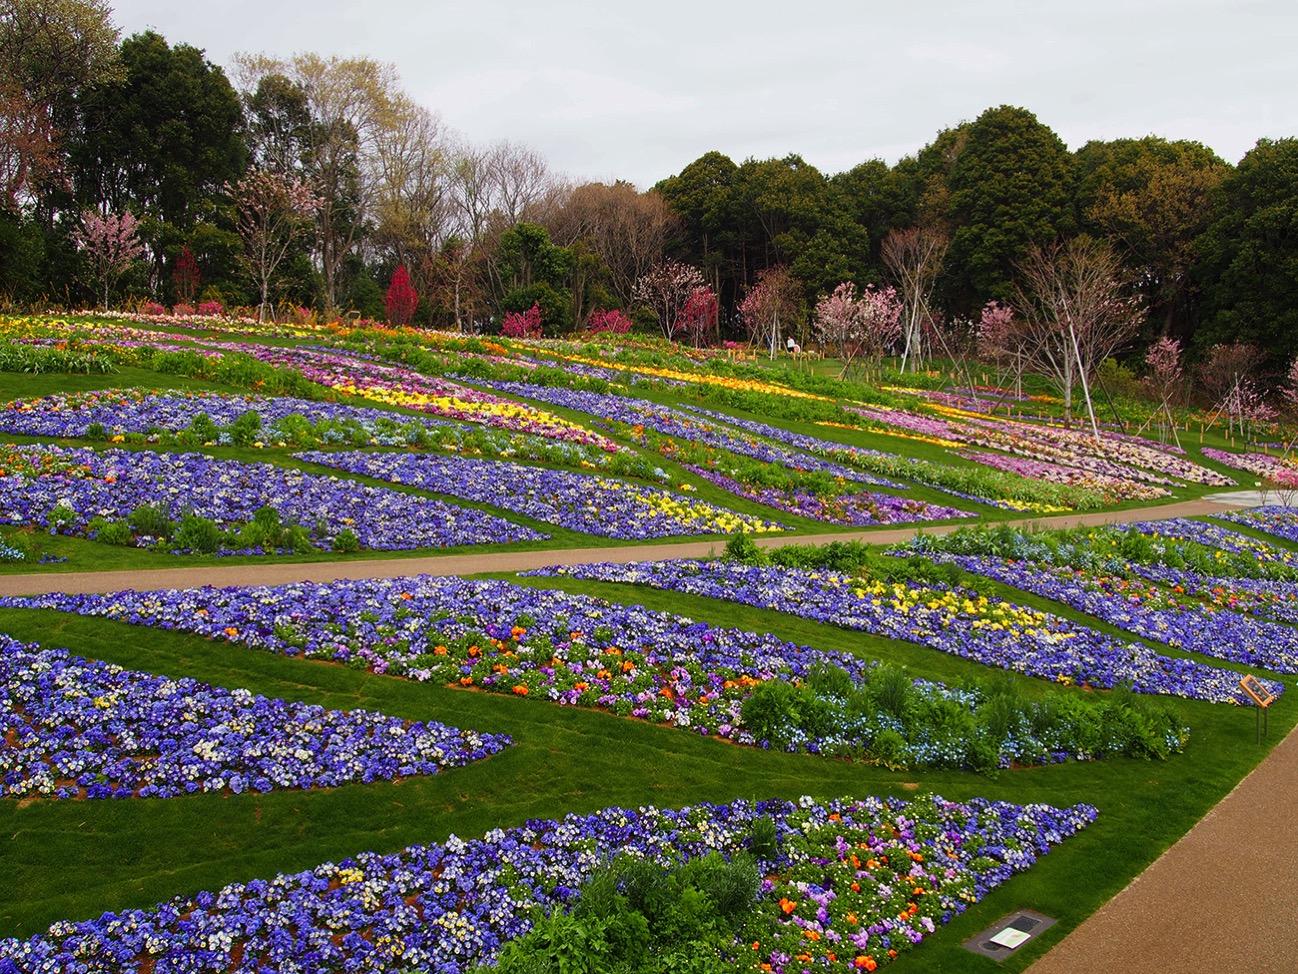 市内産のパンジー・ビオラを中心に春らしいパステルカラーの花で彩る市内最大級約の大花壇